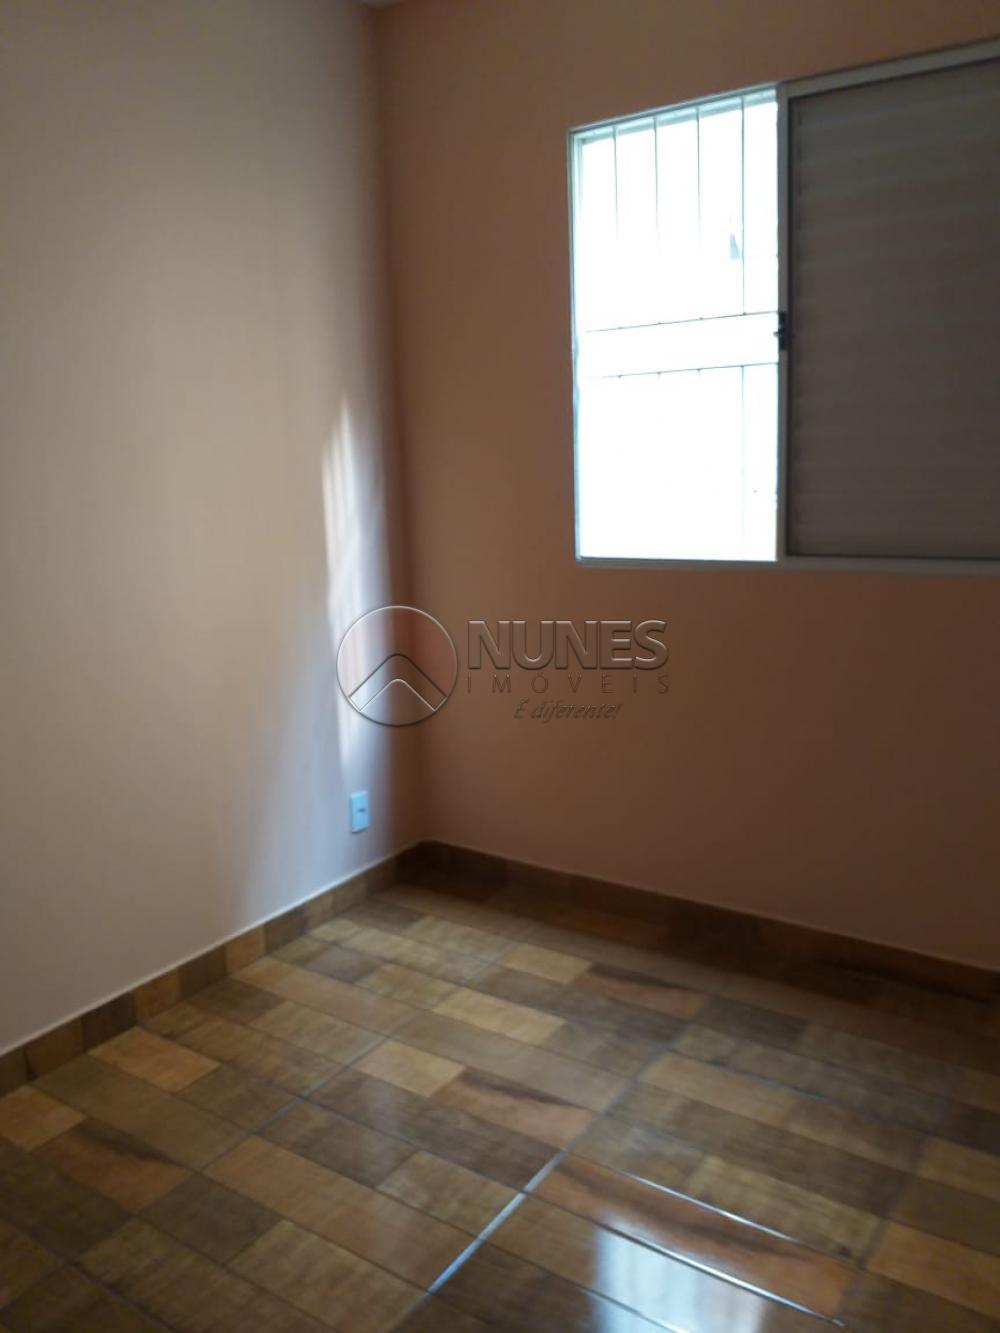 Comprar Apartamento / Padrão em Jandira apenas R$ 170.000,00 - Foto 7